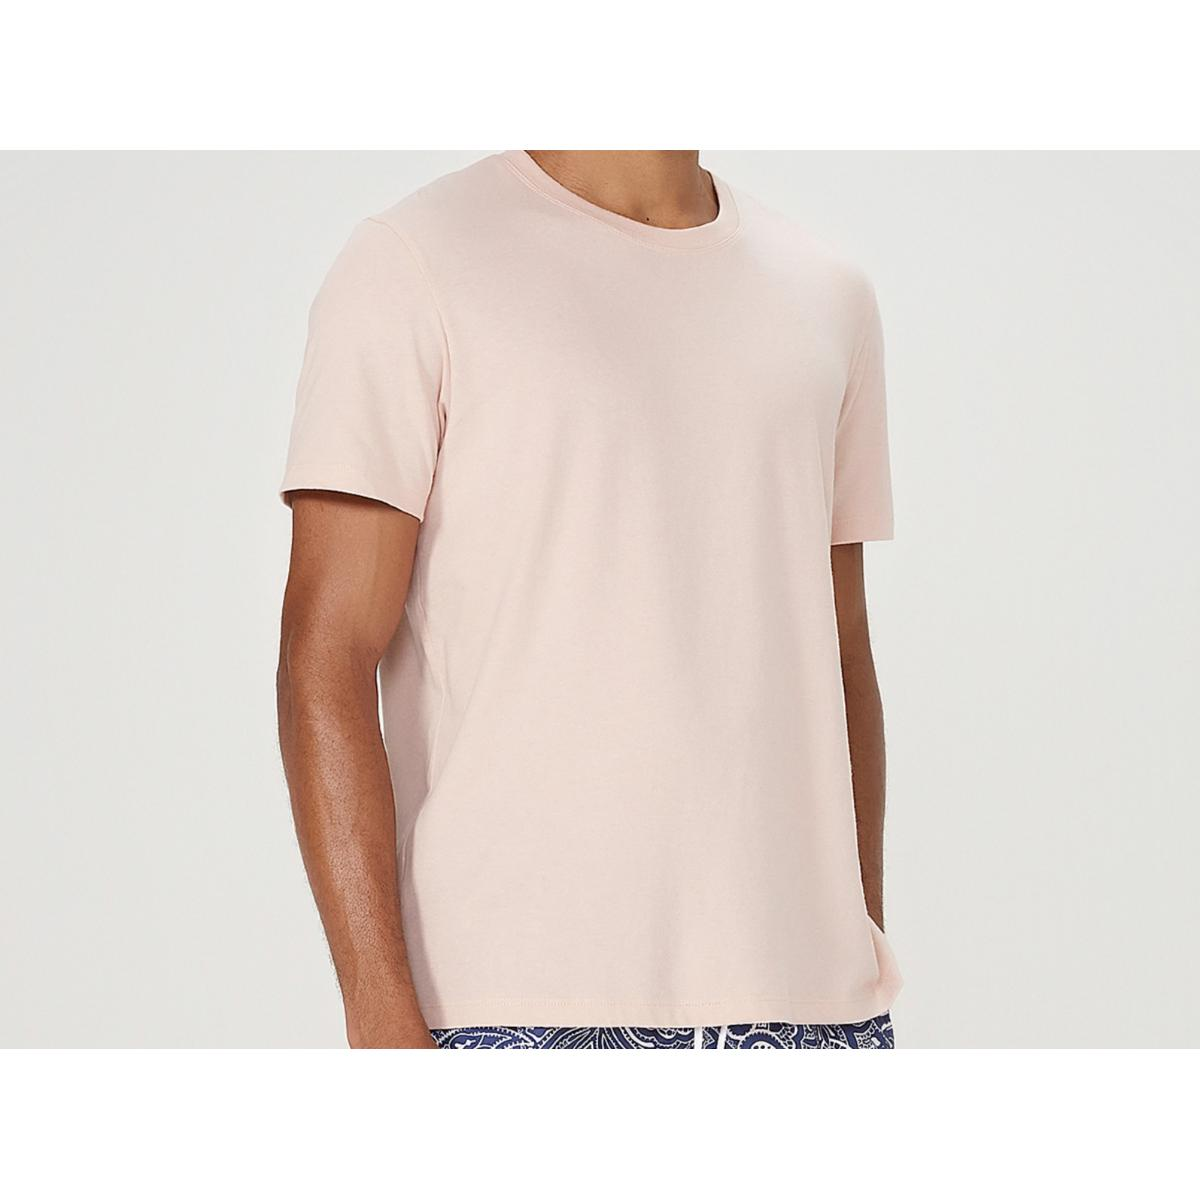 Camiseta Masculina Hering 0201 Kmmen Rosa Claro